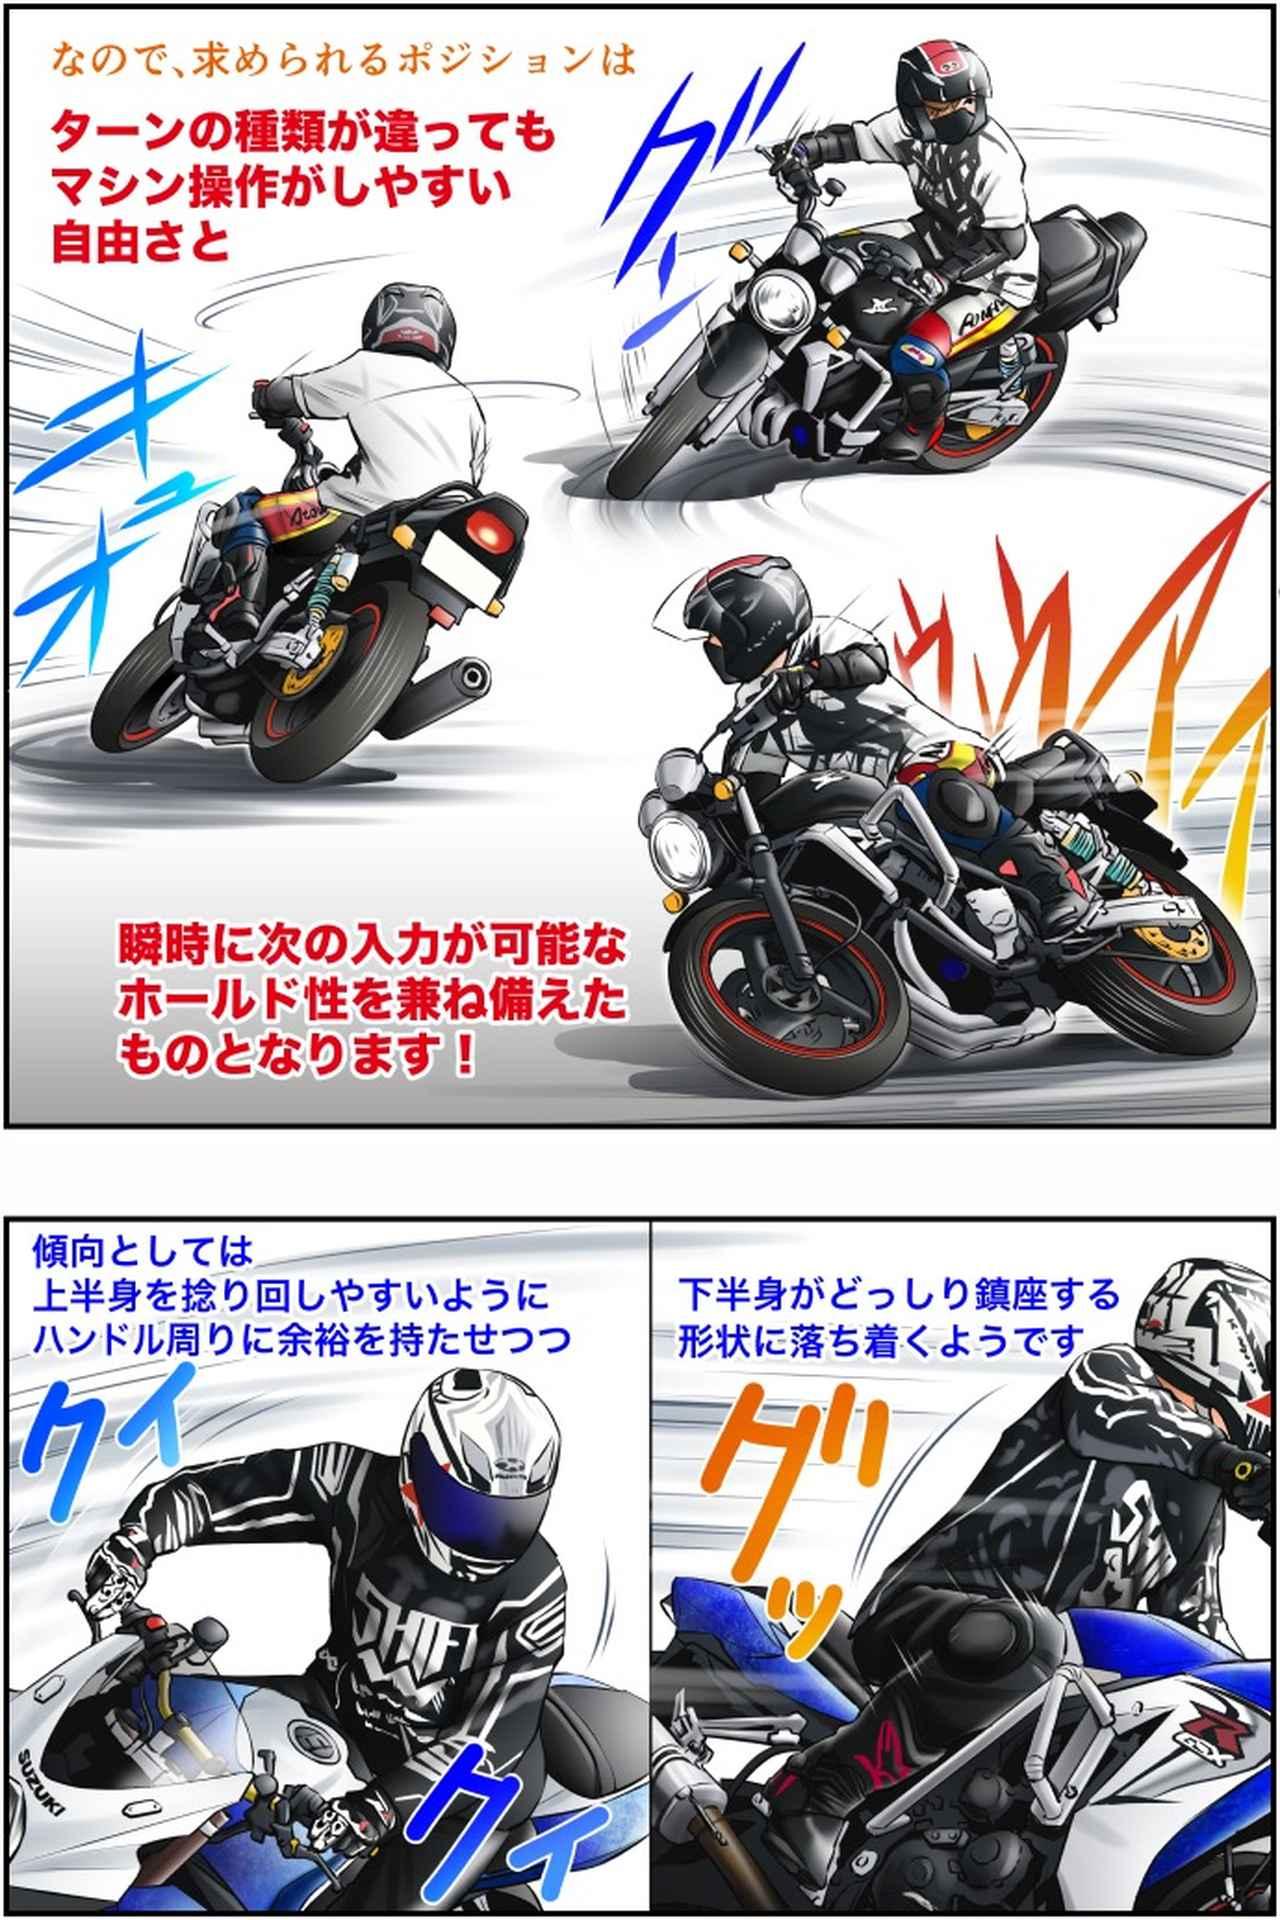 画像2: Motoジム! おまけのコーナー (ジムカーナ向けのライポジとそのカスタム)  作・ばどみゅーみん